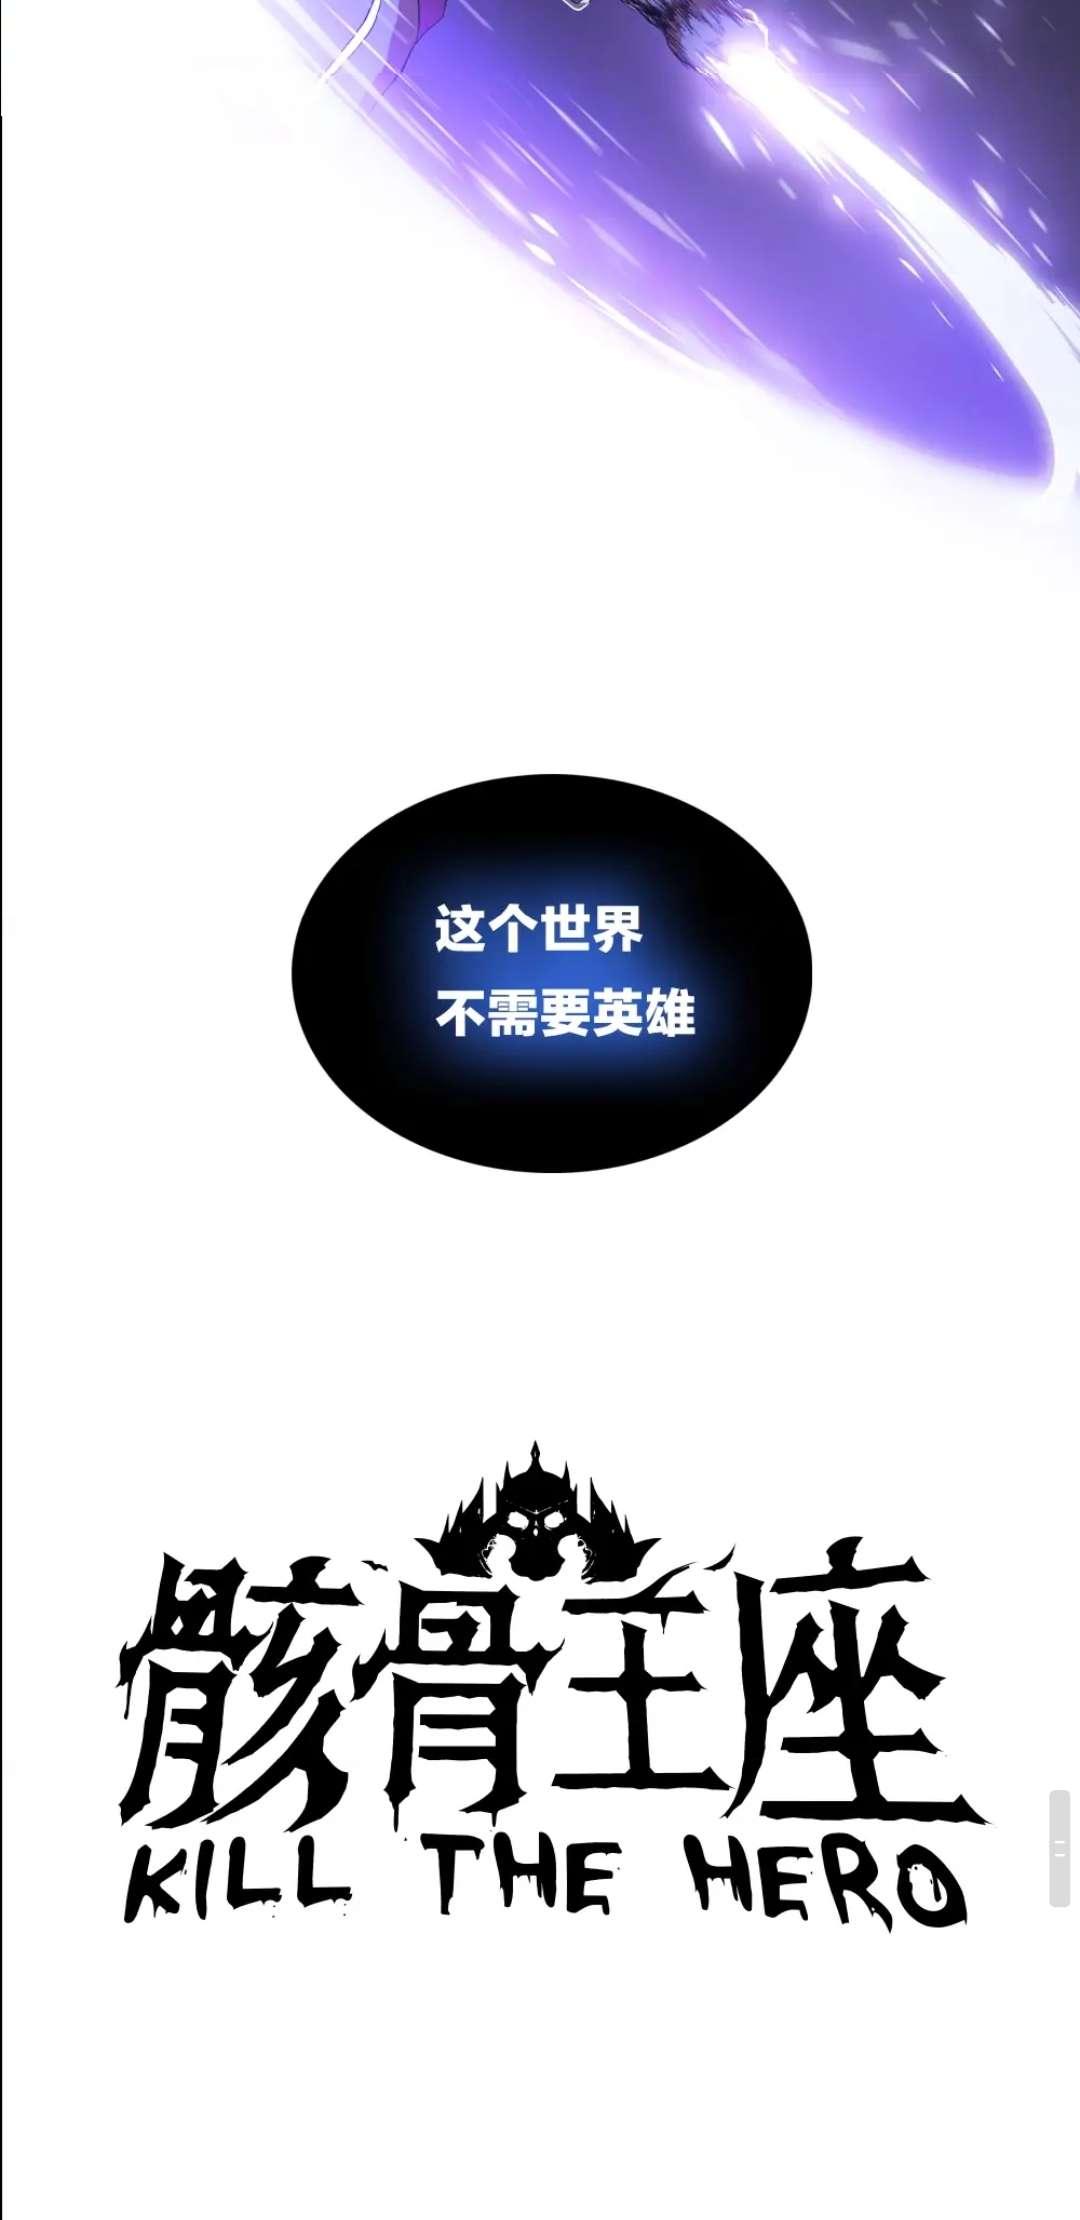 【漫画】骸骨王座 《停止更新》